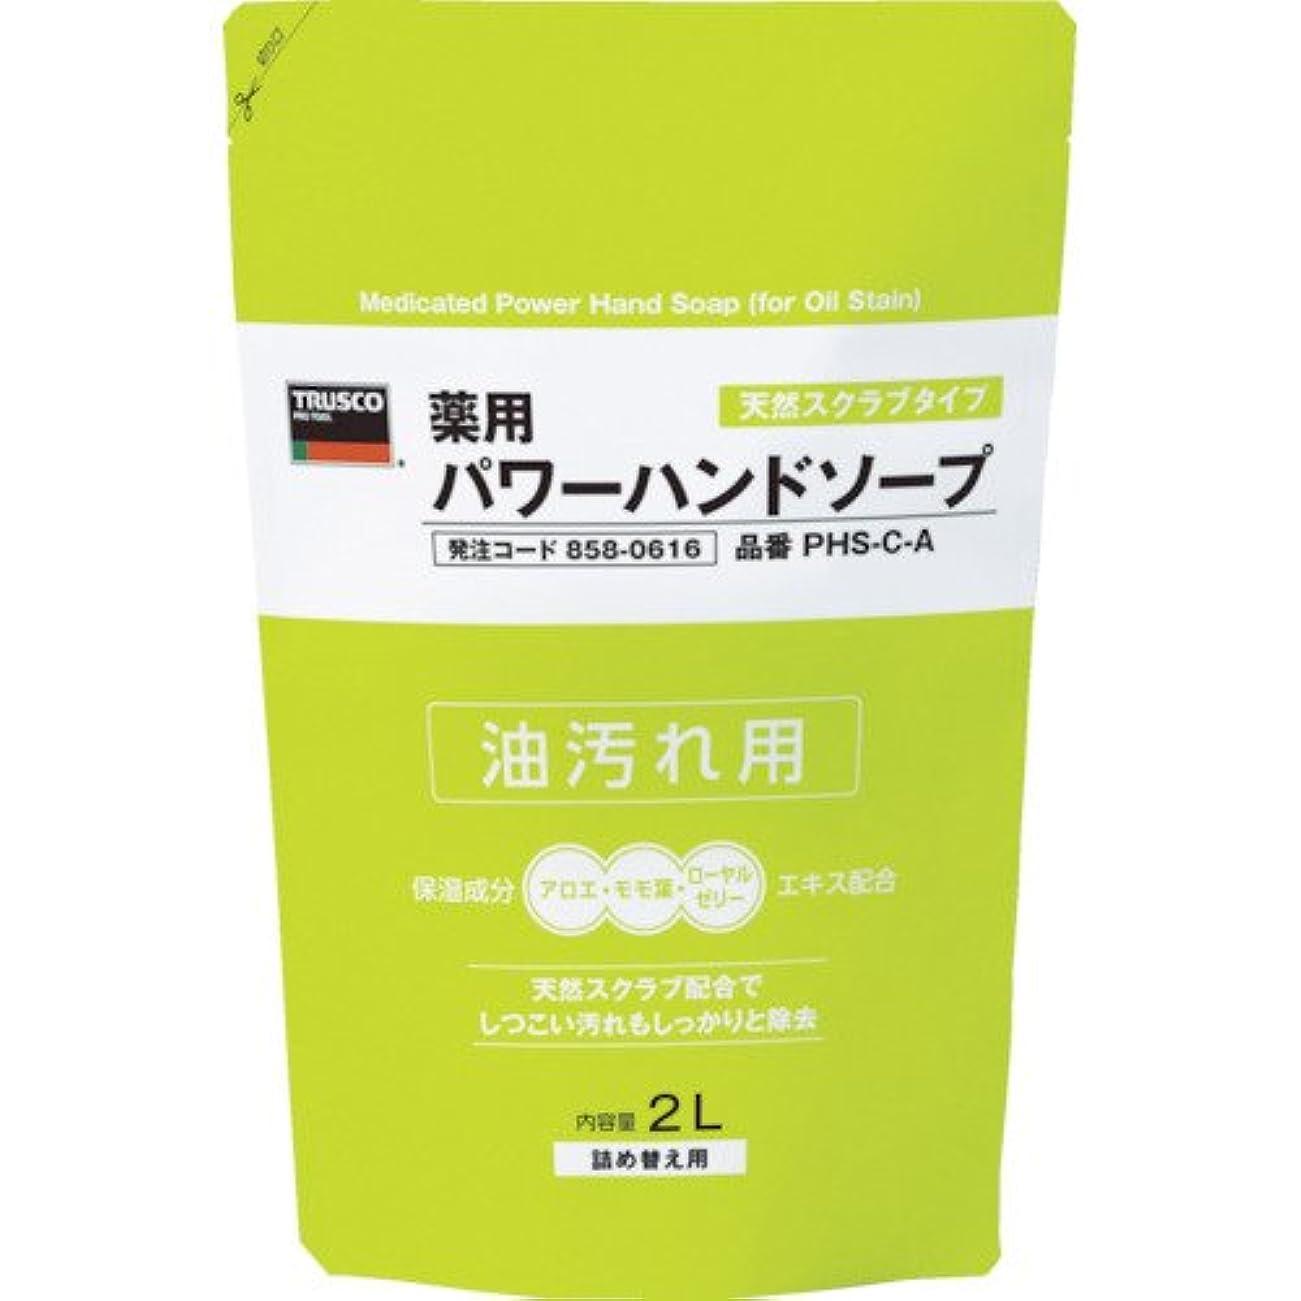 ではごきげんよう包帯著者トラスコ中山 株 TRUSCO 薬用パワーハンドソープ 詰替パック 2.0L PHS-C-A